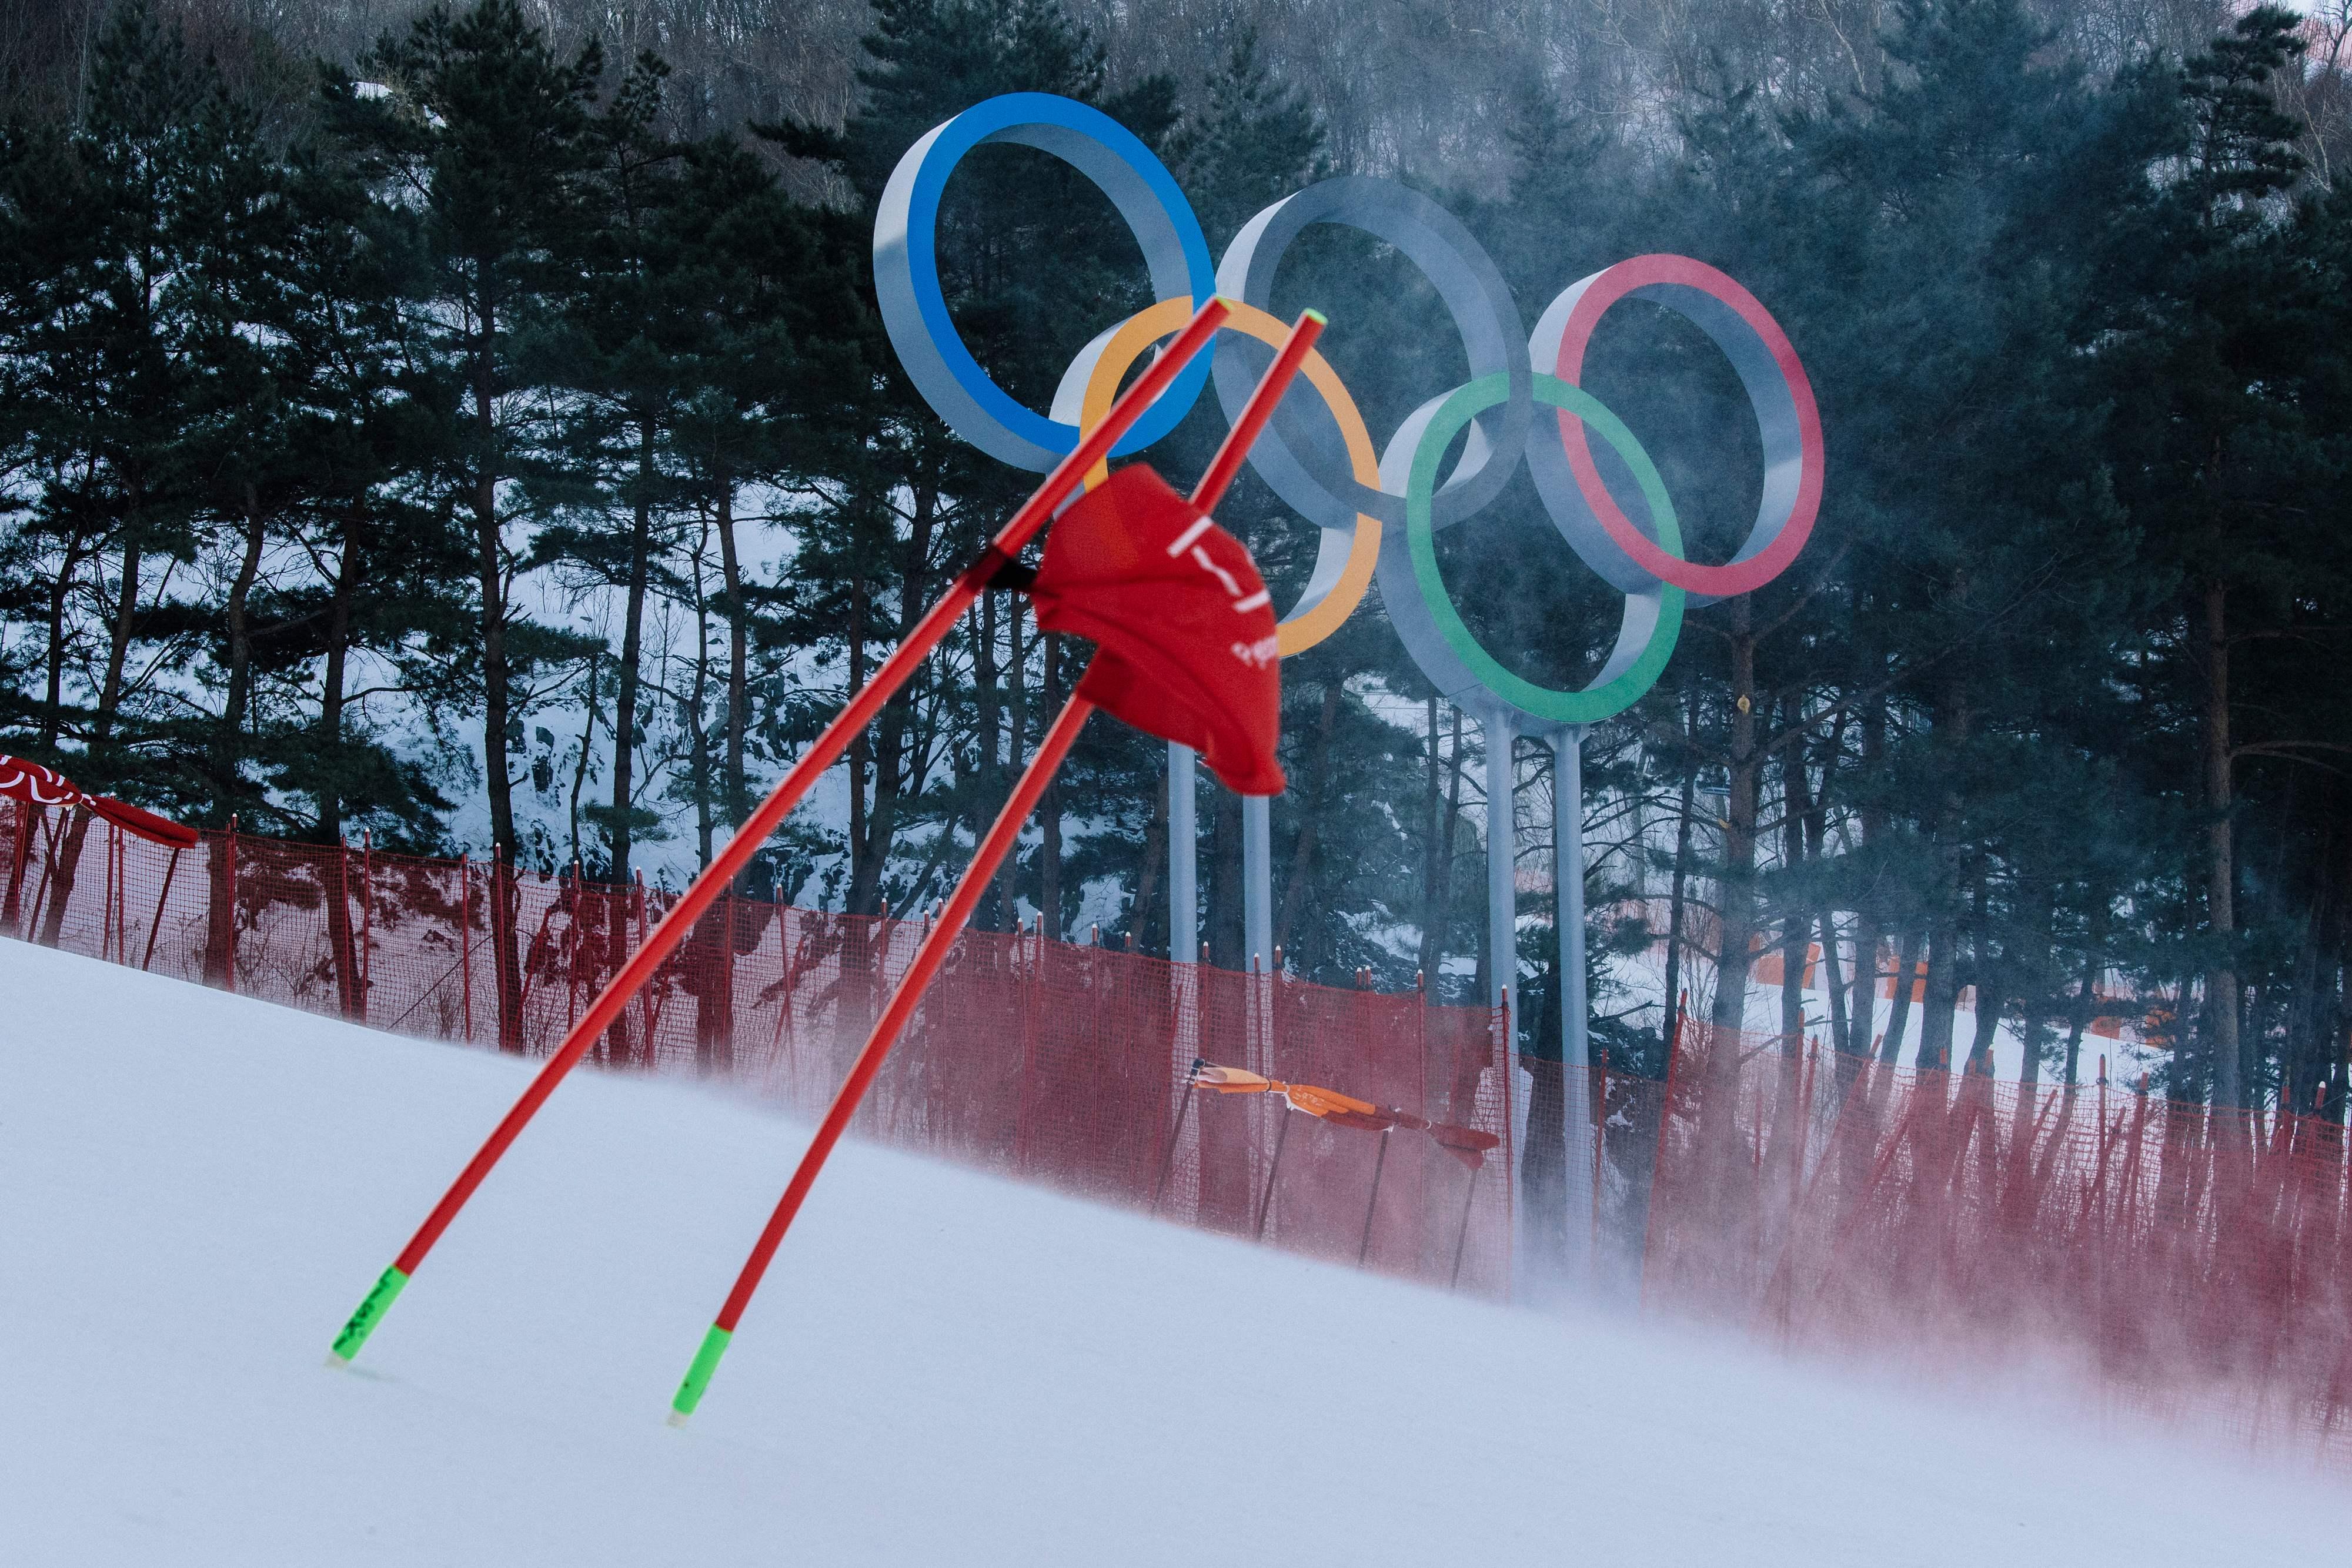 abfahrt herren olympia